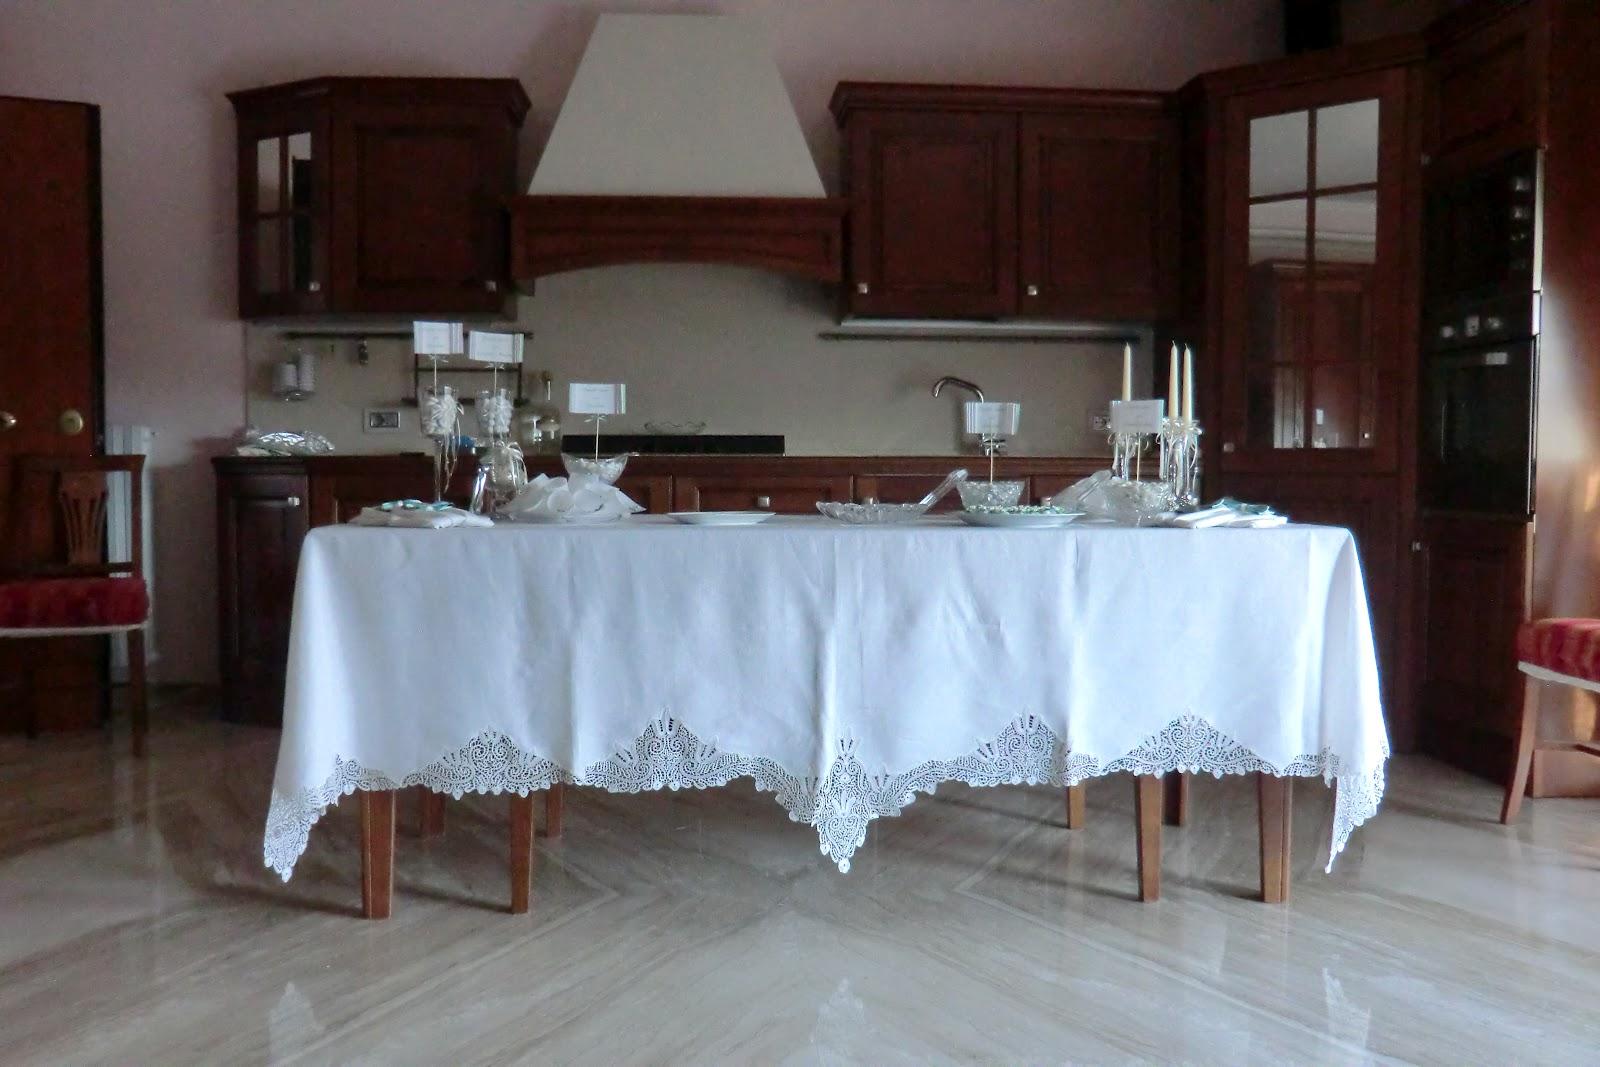 Confetti decorati con pasta di zucchero e addobbi a casa dello sposo - Come addobbare la casa della sposa il giorno del matrimonio ...